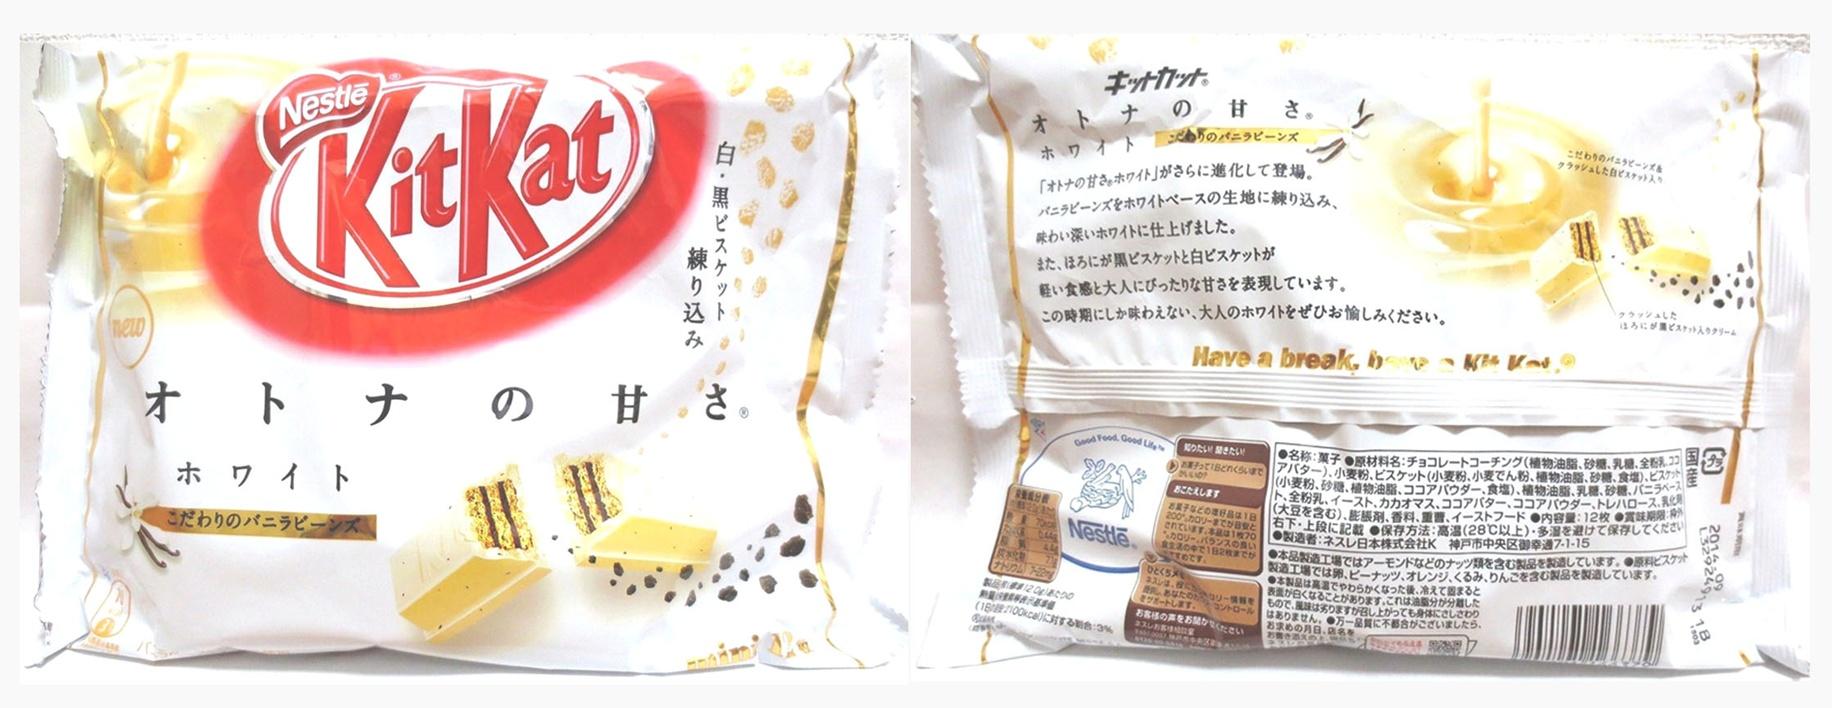 Kitkat Japan | Luver Shop